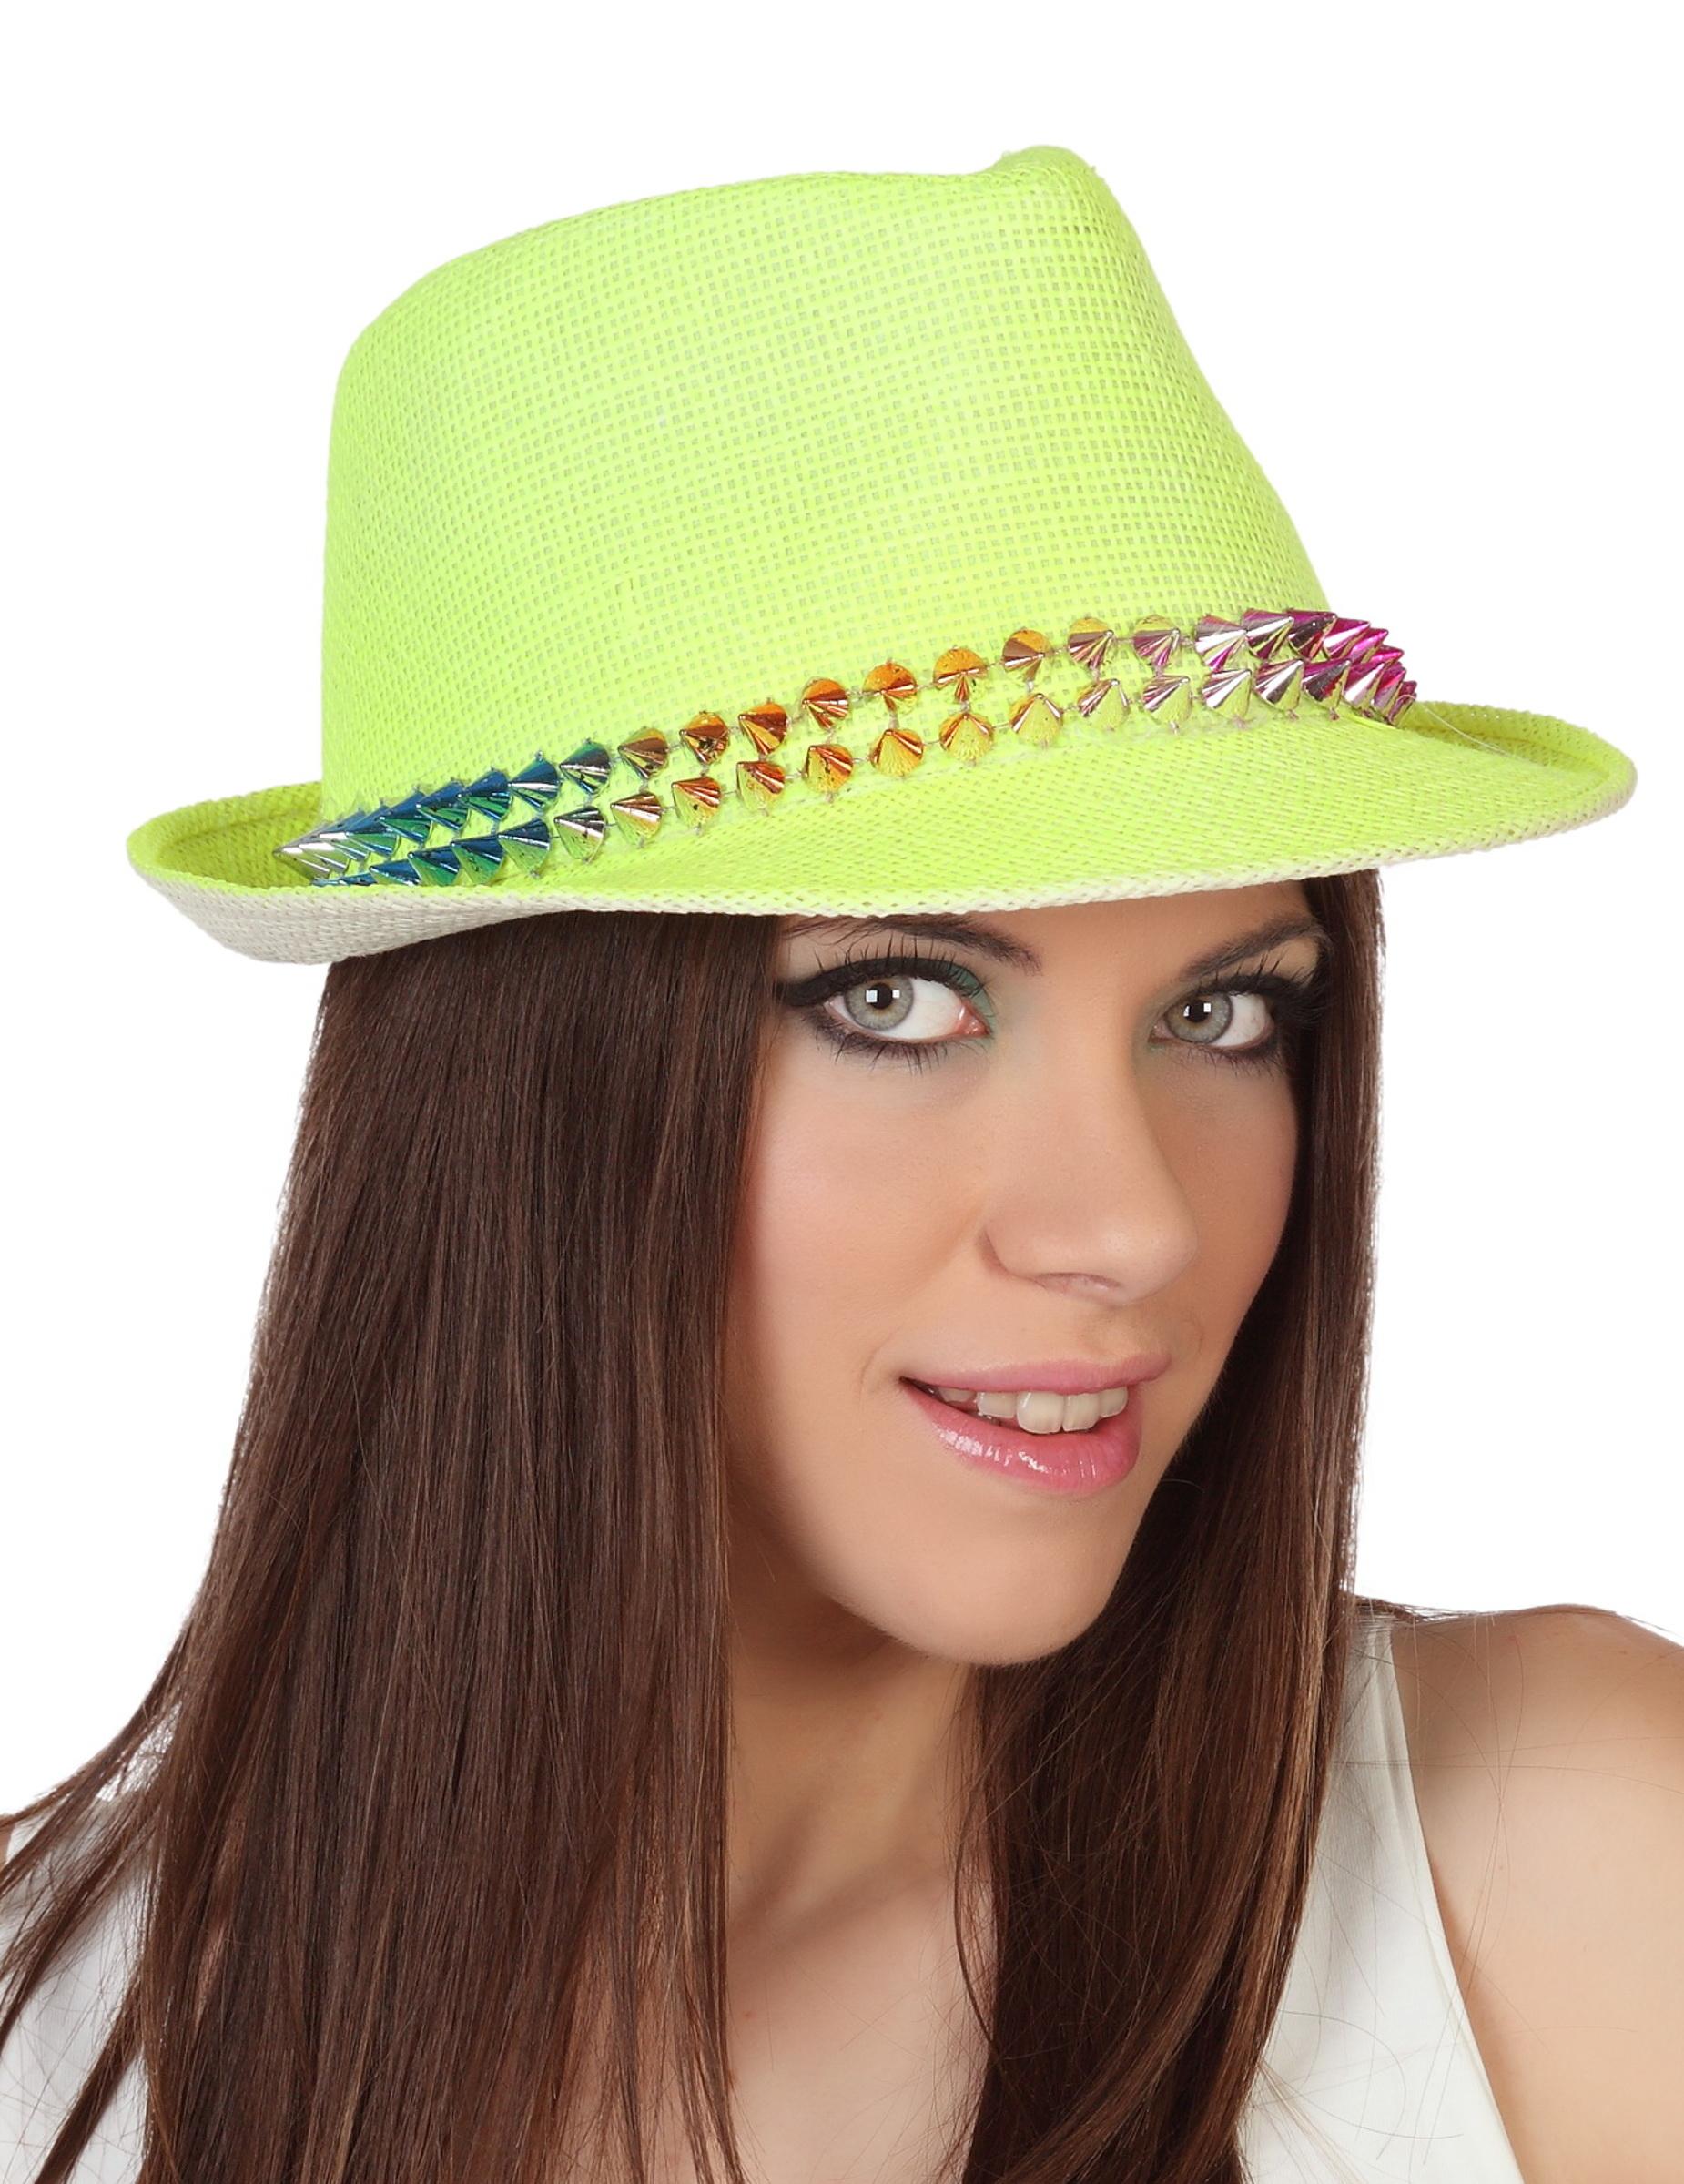 Cappello borsalino giallo con borchie per adulto  Cappelli c94ab3b56593